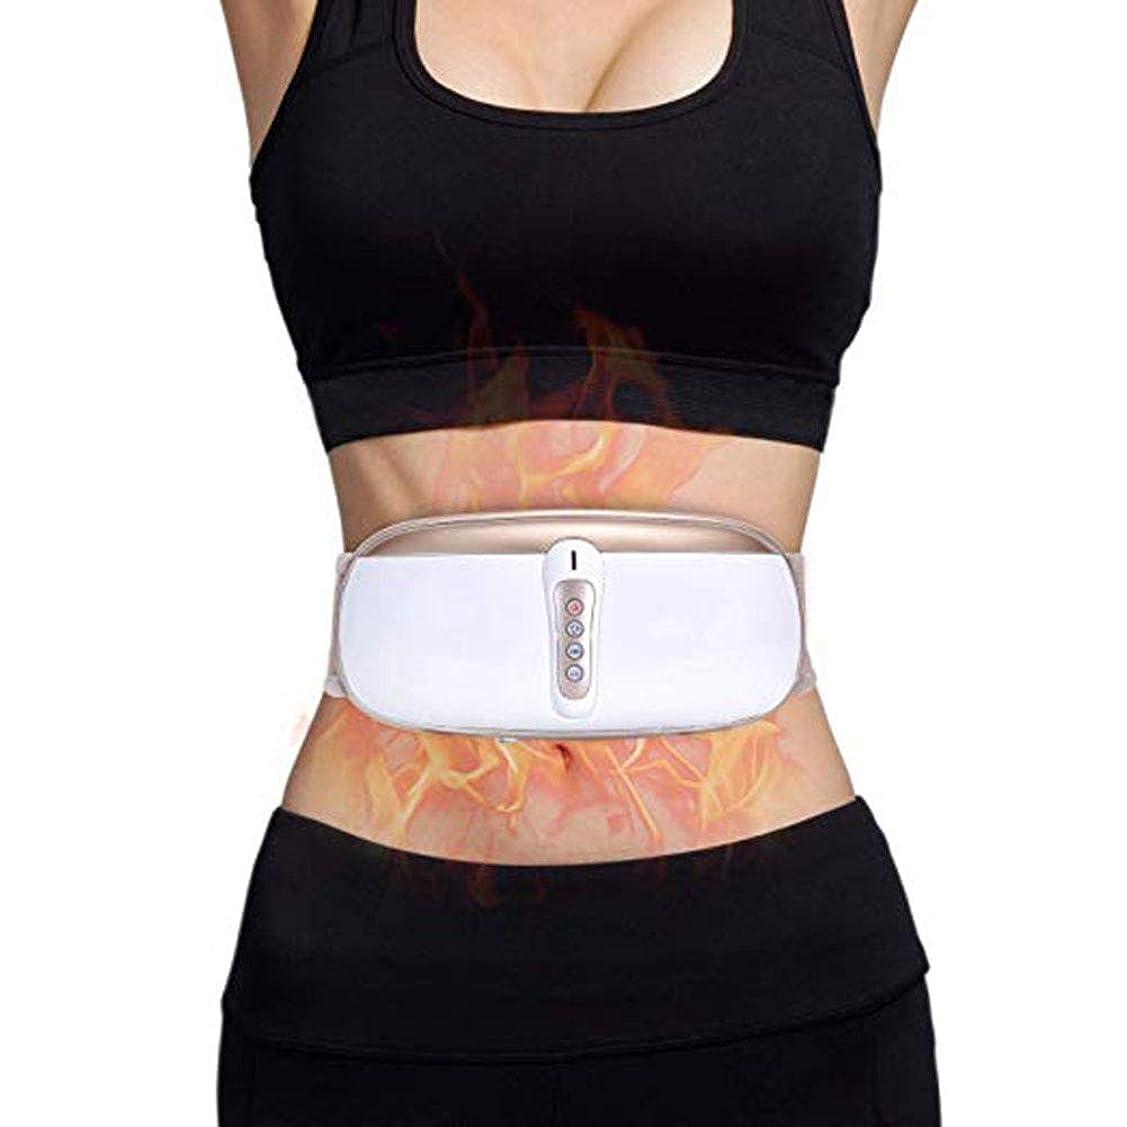 洗練された楽しむ年金スリミングベルト、 調整可能 振動マッサージ 減量機 女性の為に、 と 穏やかな熱、 4つのマッサージモード 腹脂肪バーナー、 血液循環を改善する、 消化を促進する